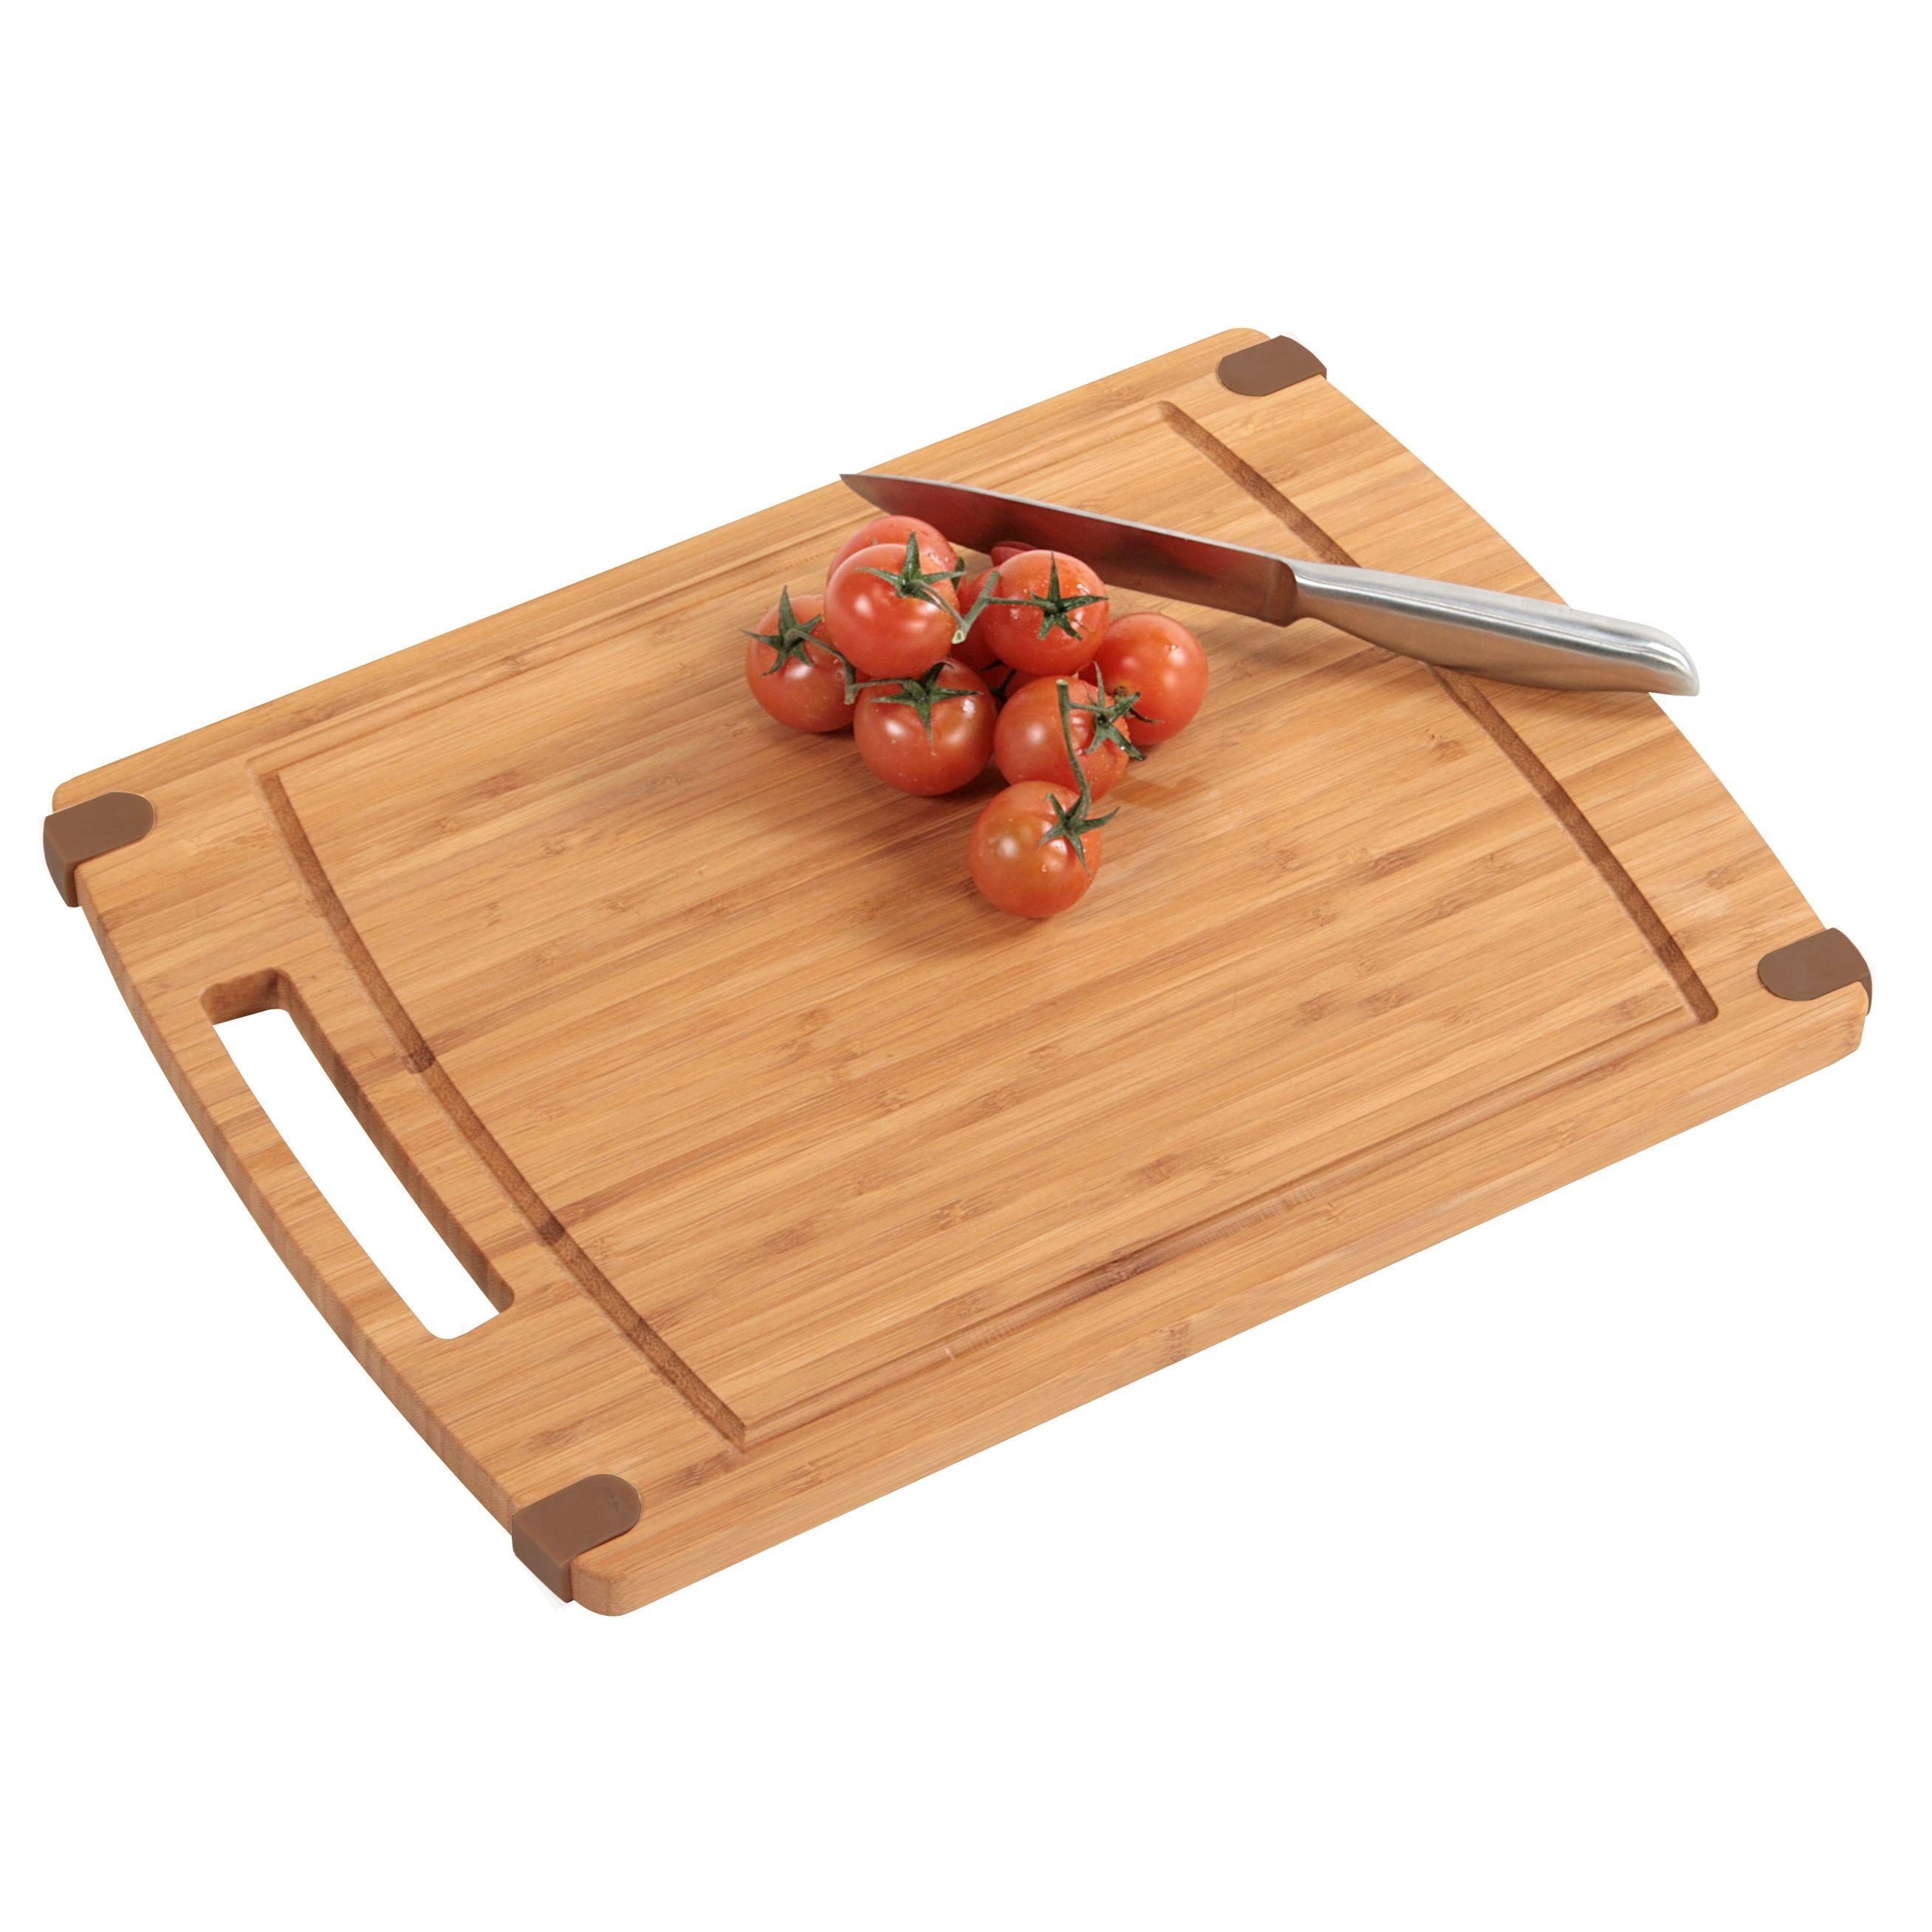 Доска разделочная 38х28х1,6 см.Доска разделочная известного производителя Кеспер станет полезным приобретением для кухни. За ручку в виде прорези ее удобно подвешивать к стене. Доска изготовлена из натуральной бамбуковой древесины. Этот материал органично смотрится в кухонном интерьере, кроме того, не затупляет и не повреждает металлические ножи. Главное достоинство деревянных досок – удобство разделки на них мяса и овощей. За изделием несложно ухаживать, оно экологично в производстве.<br>